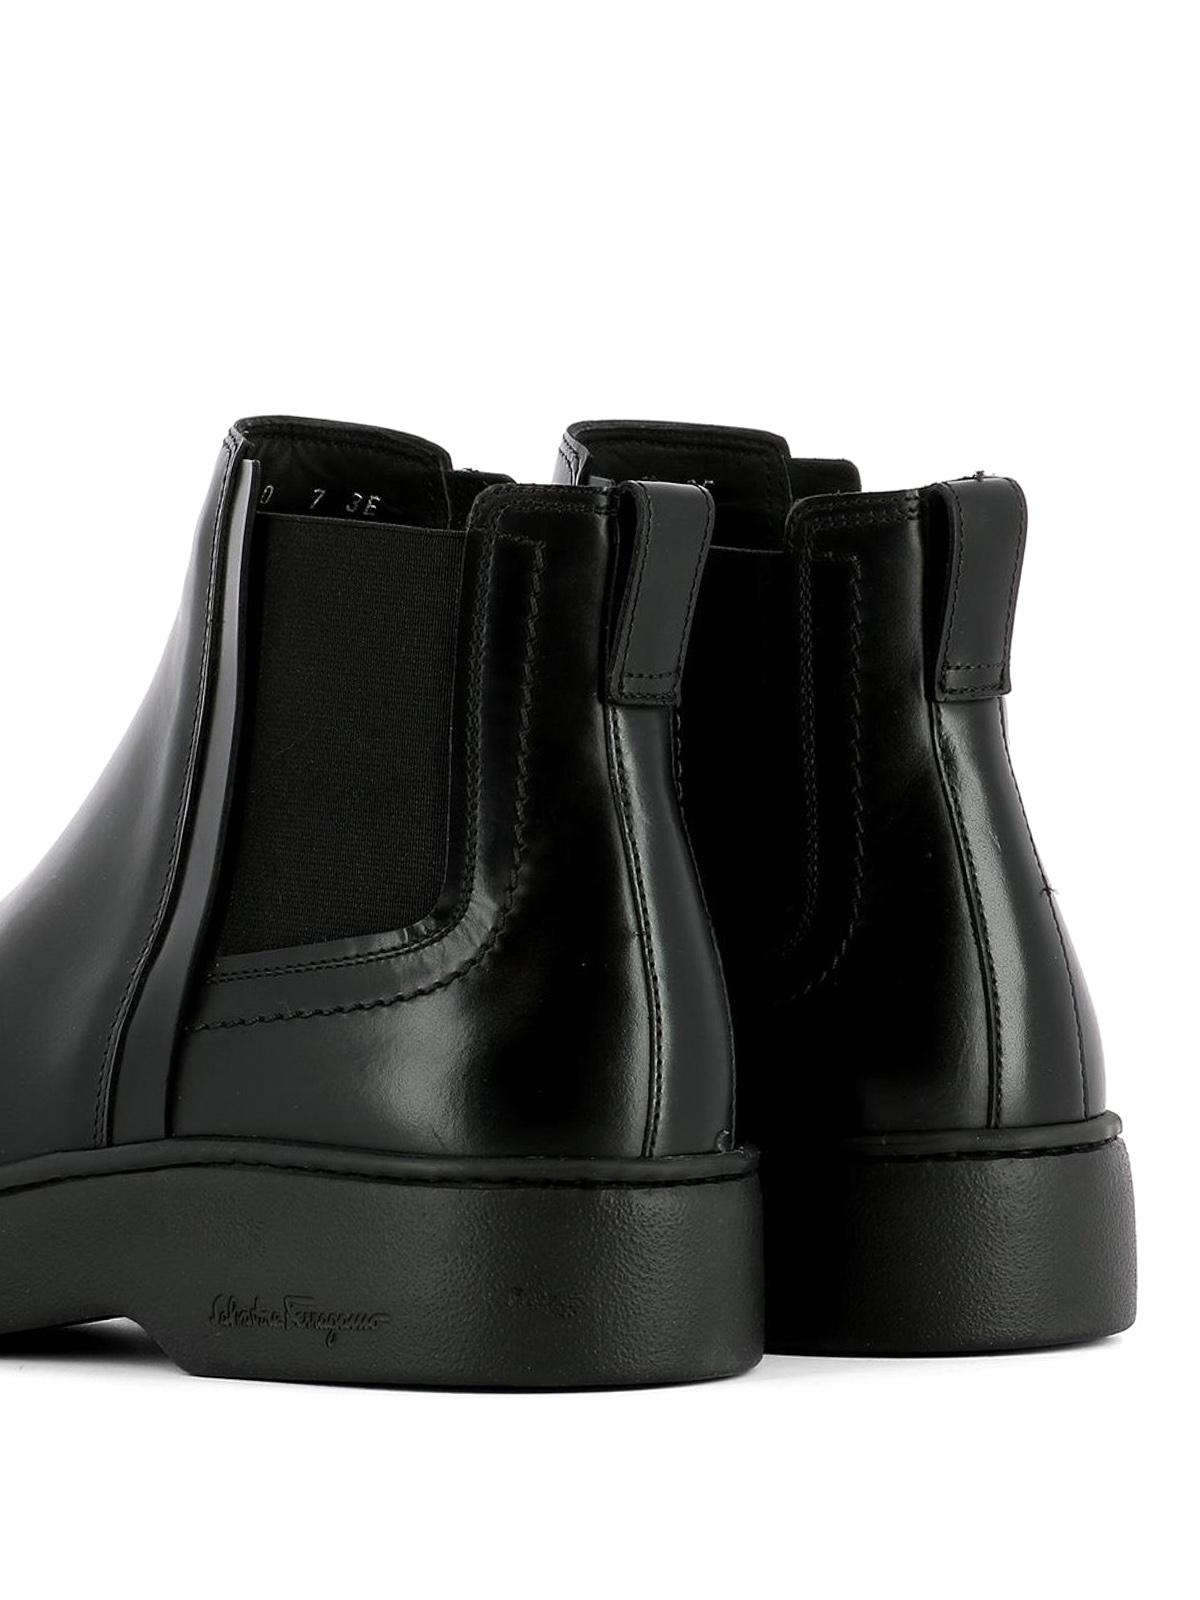 Salvatore FerragamoDimitri chelsea boots ln7l8